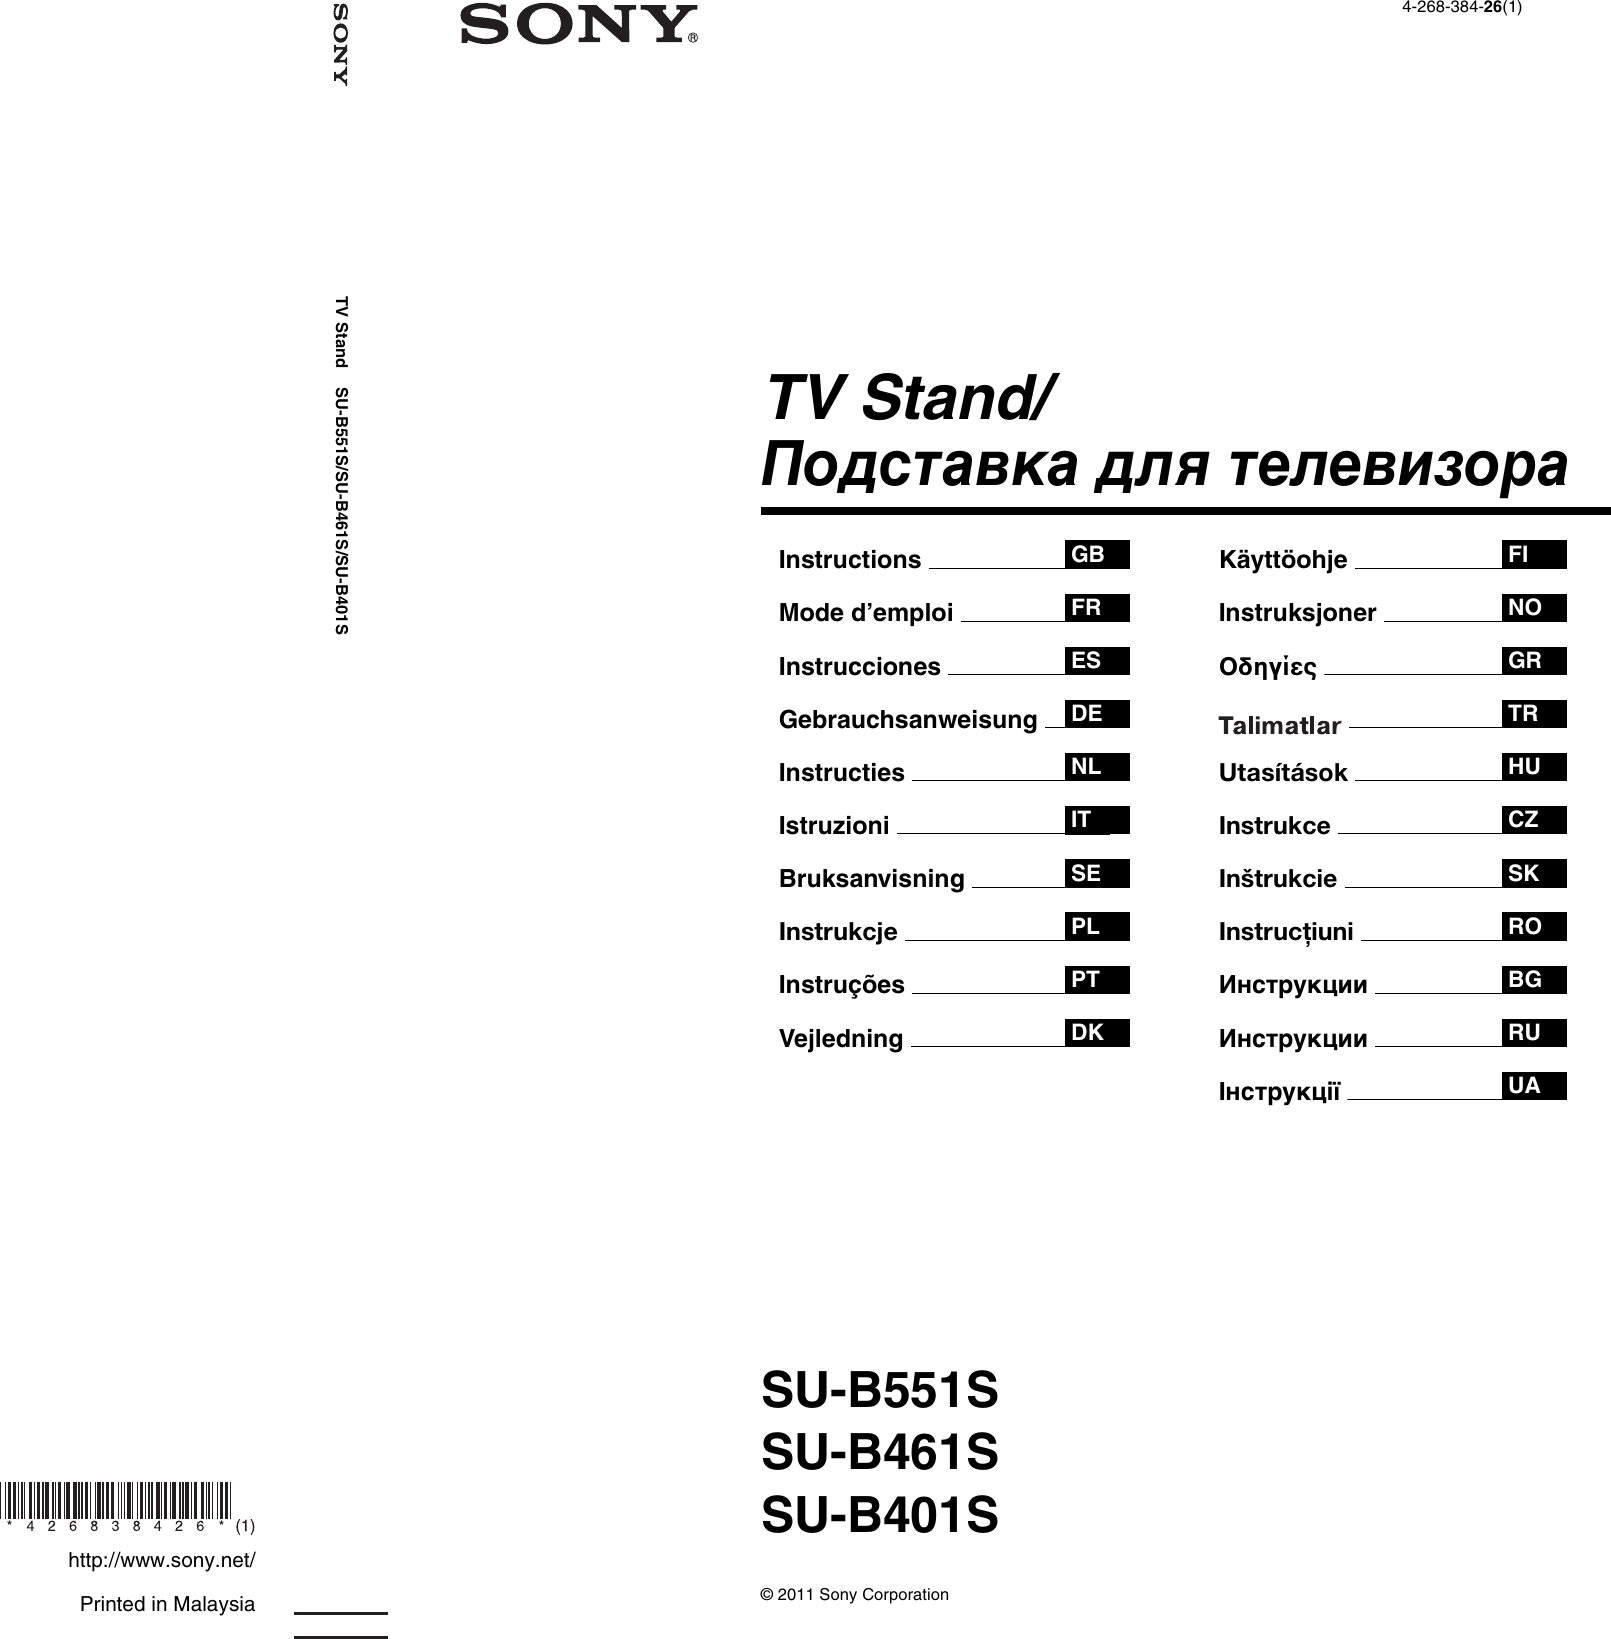 Aktris Zoya Zelinskaya: biyografi, kişisel hayat. Filmler ve TV şovları 52